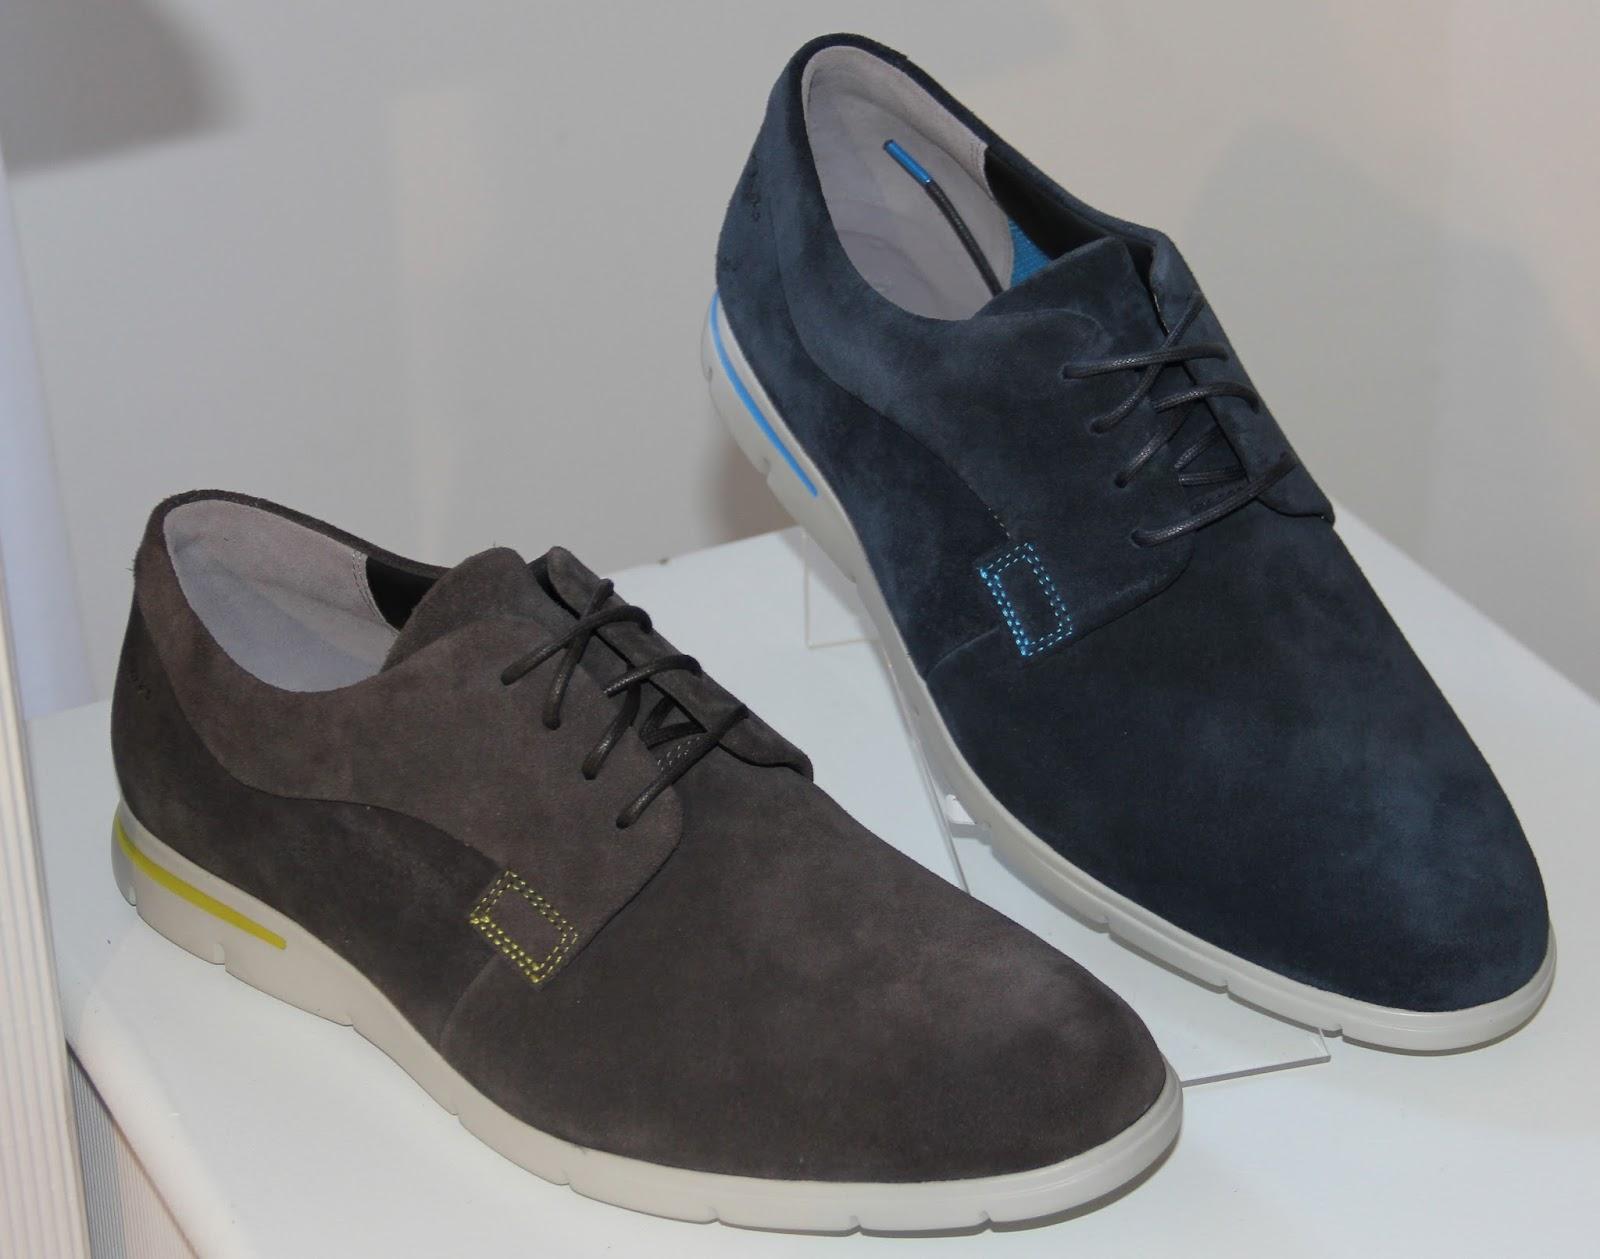 Clarks Denner Motion Black Dress Shoes